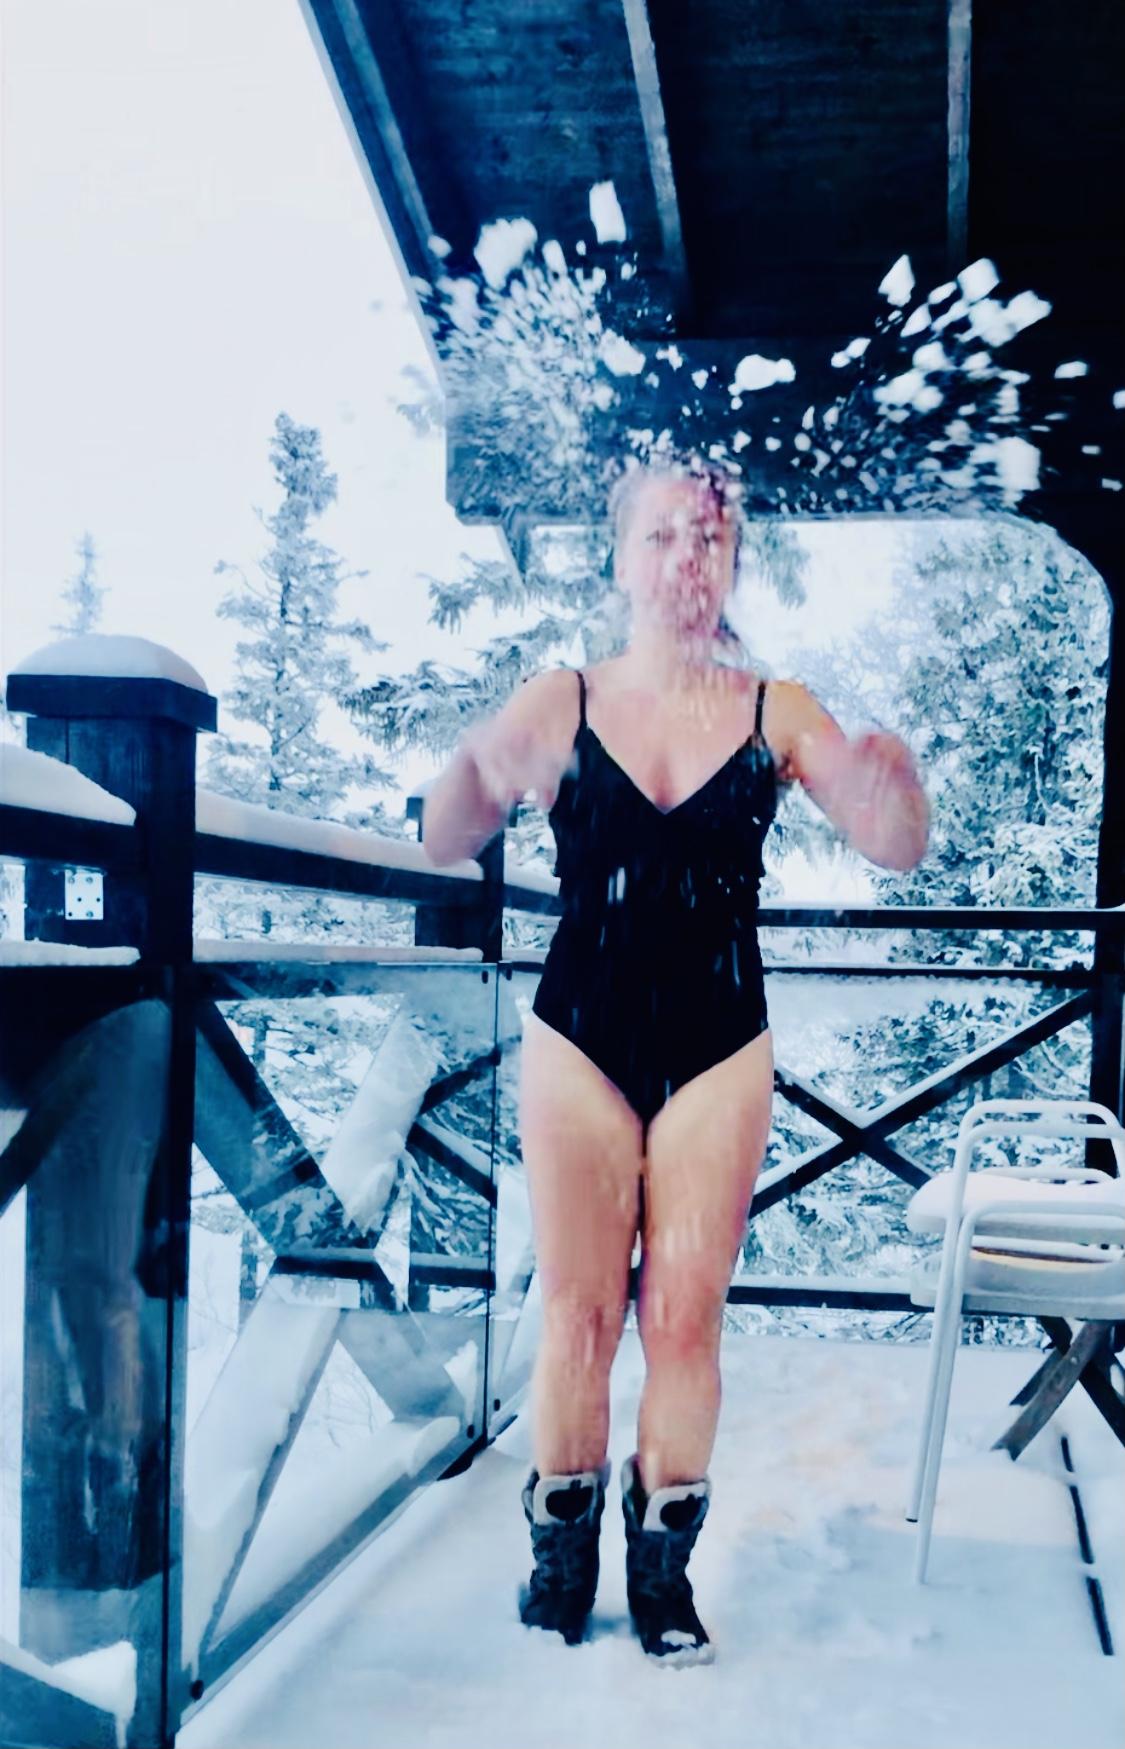 Snöbad i Åre